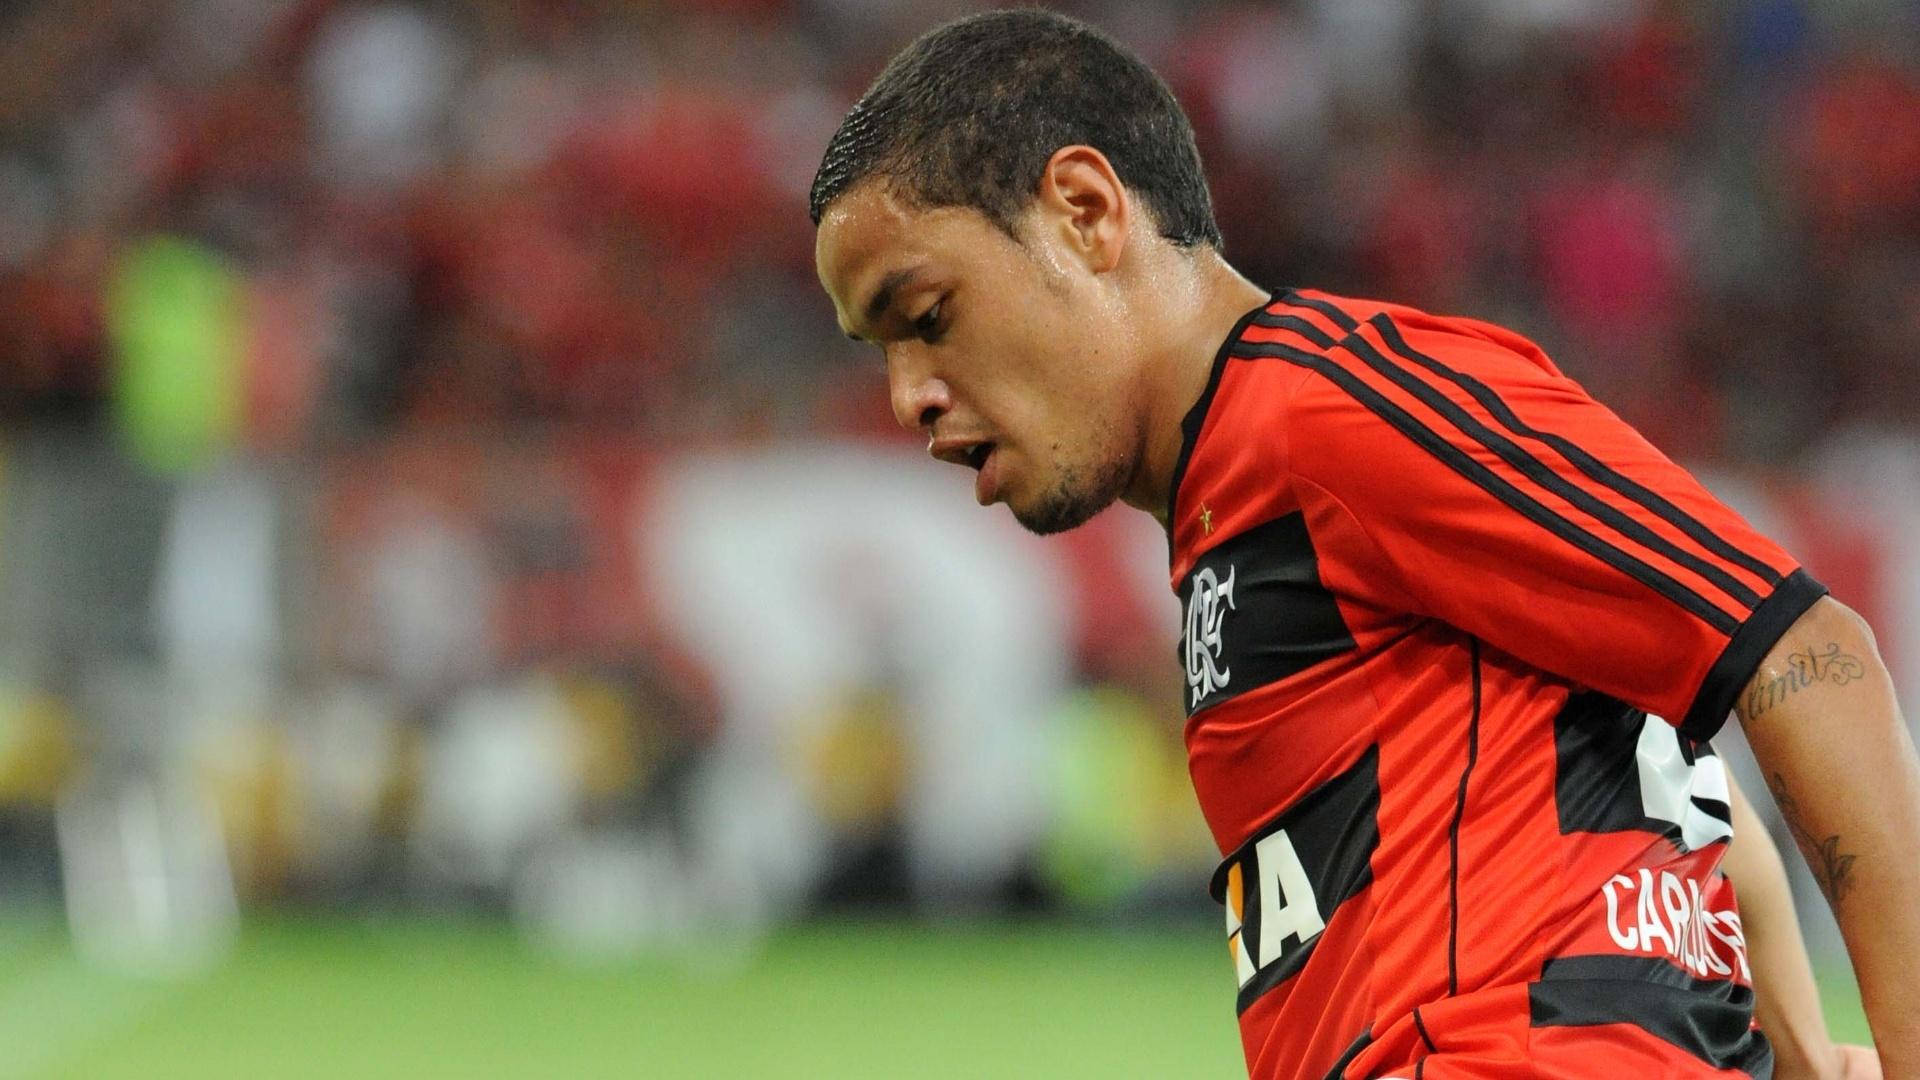 13.10.2013 Carlos Eduardo domina a bola durante partida do Flamengo contra o Botafogo, no Maracanã